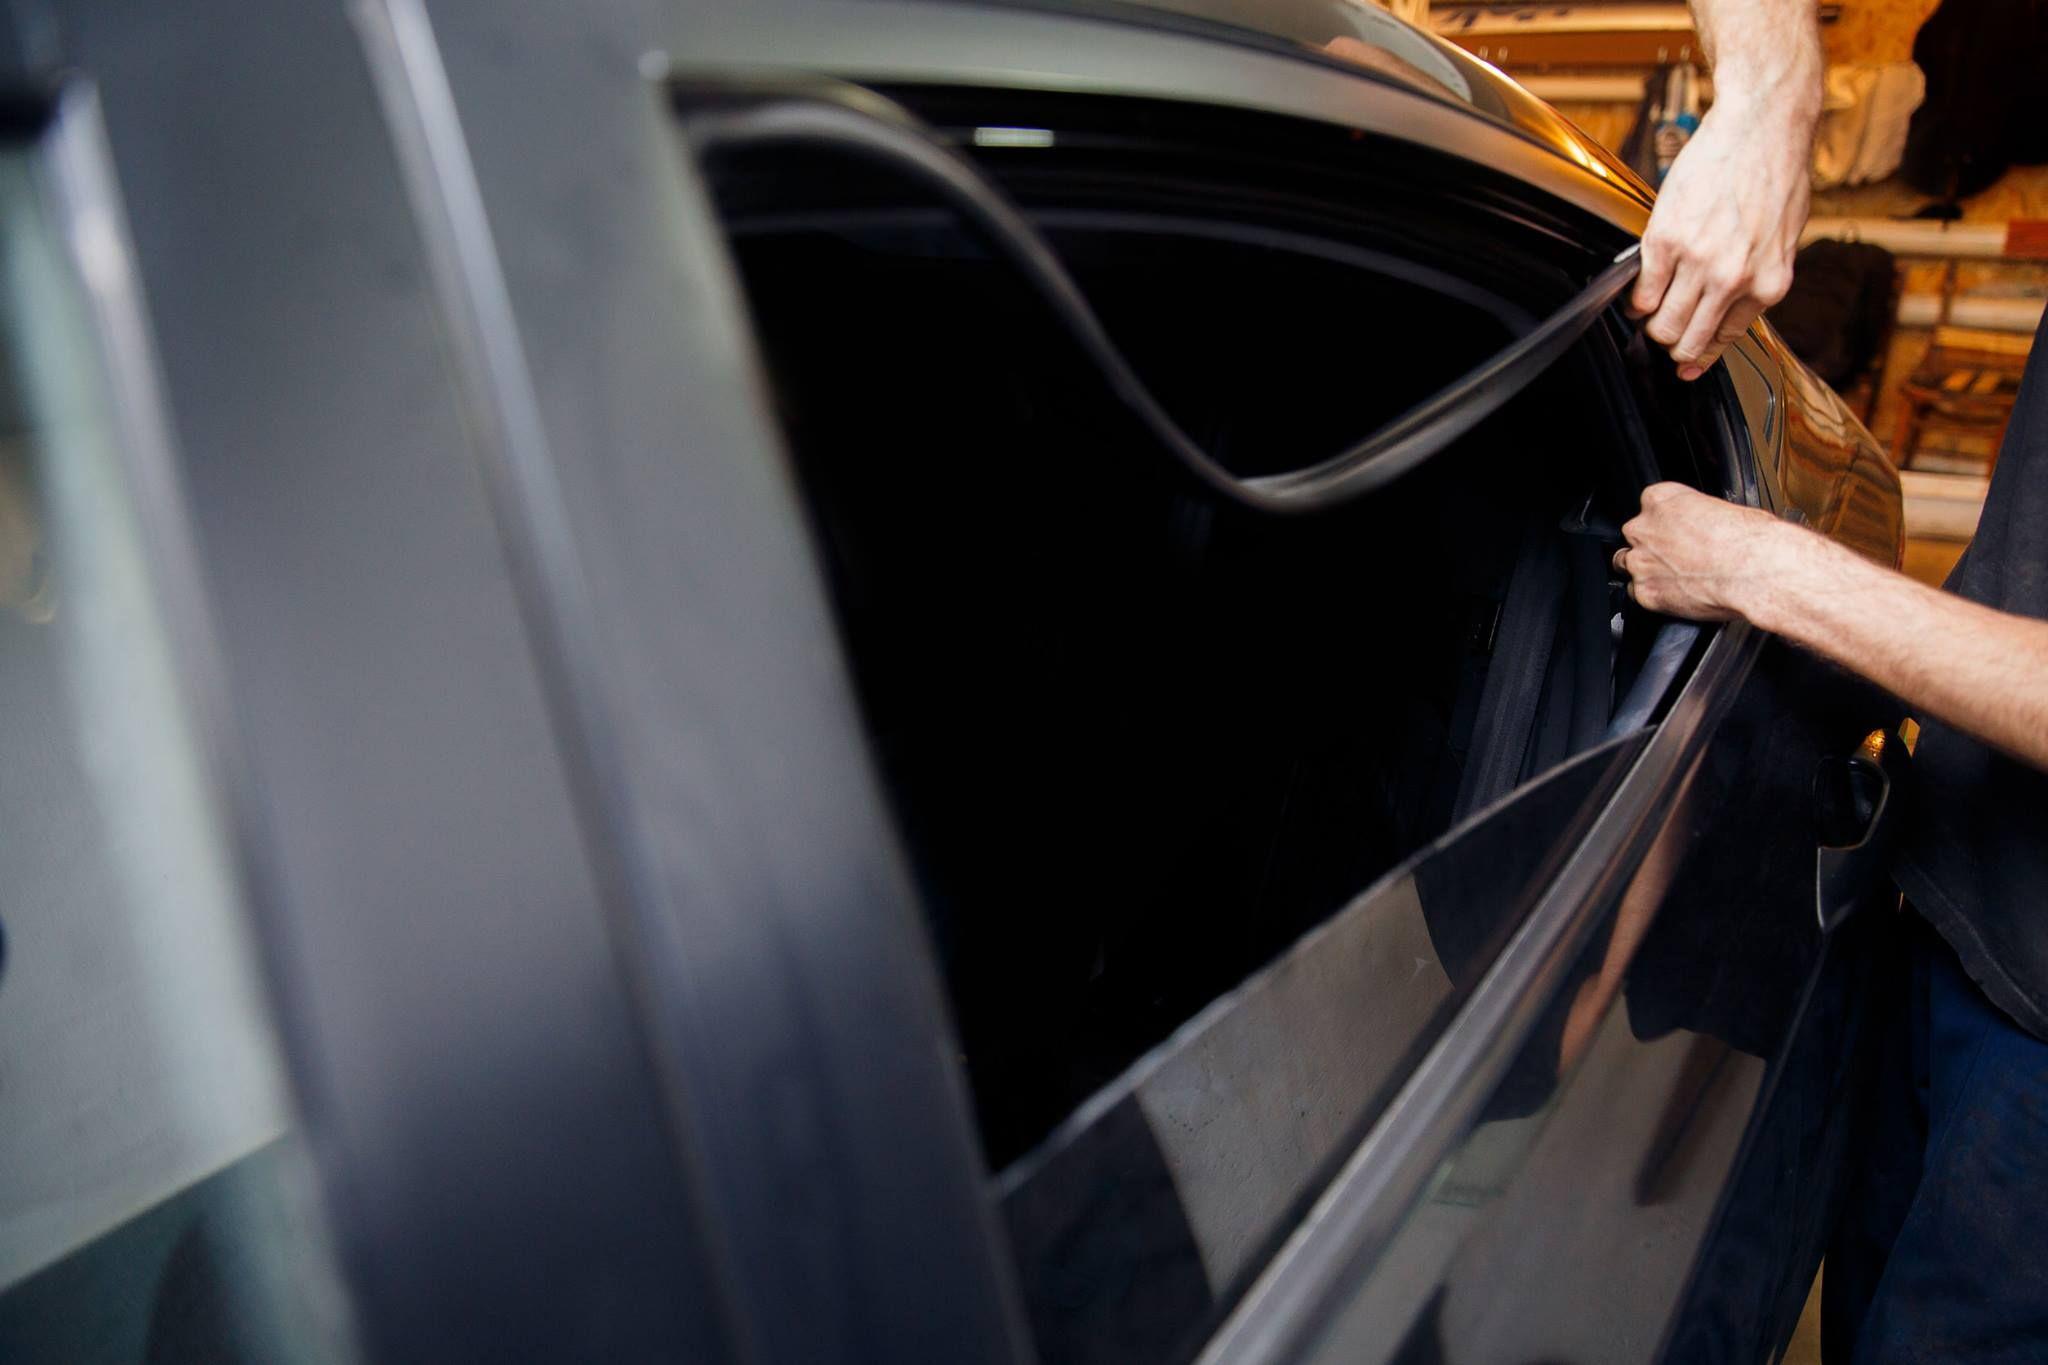 Arreglo chapa y pintura coche Alcalá de Henares